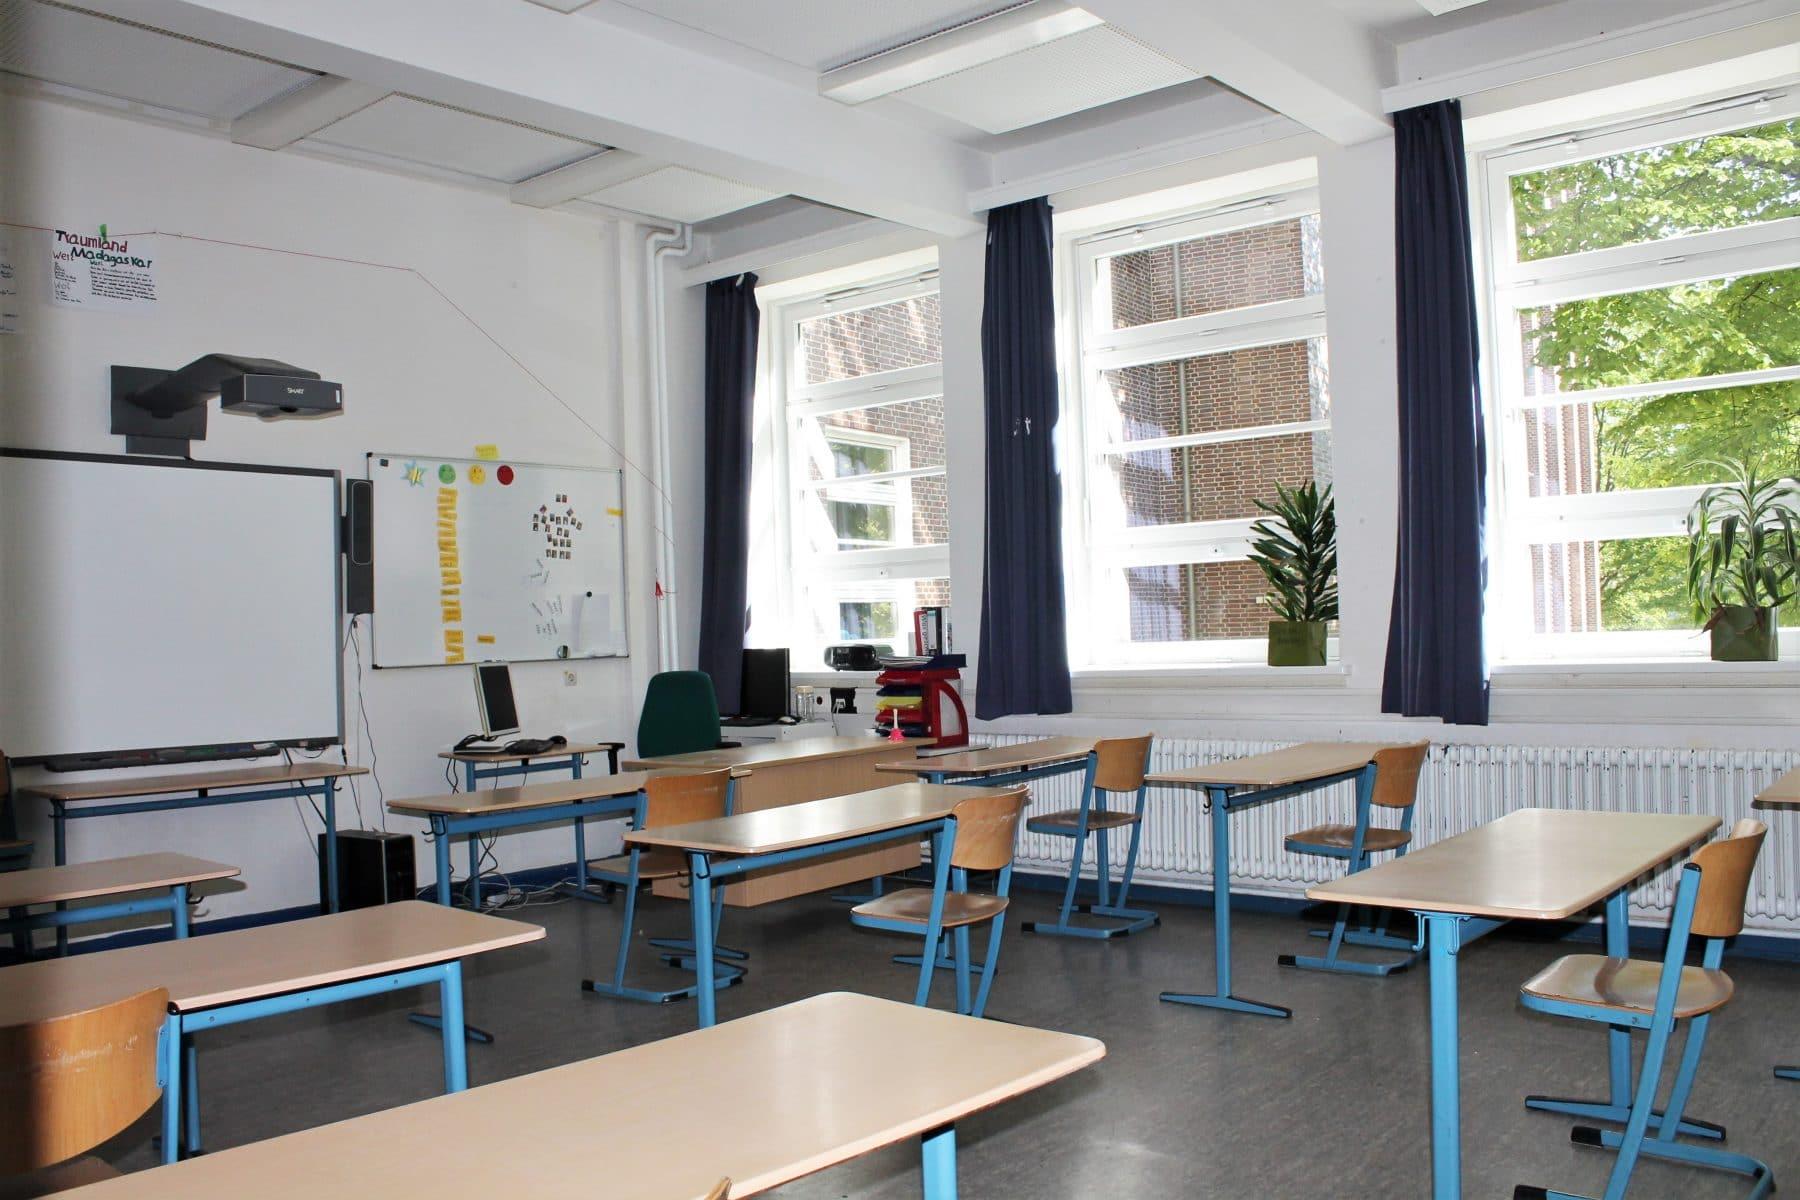 Blick in den Klassenraum: Die Tische stehen weit auseinander. Foto: Marianne Bruhns